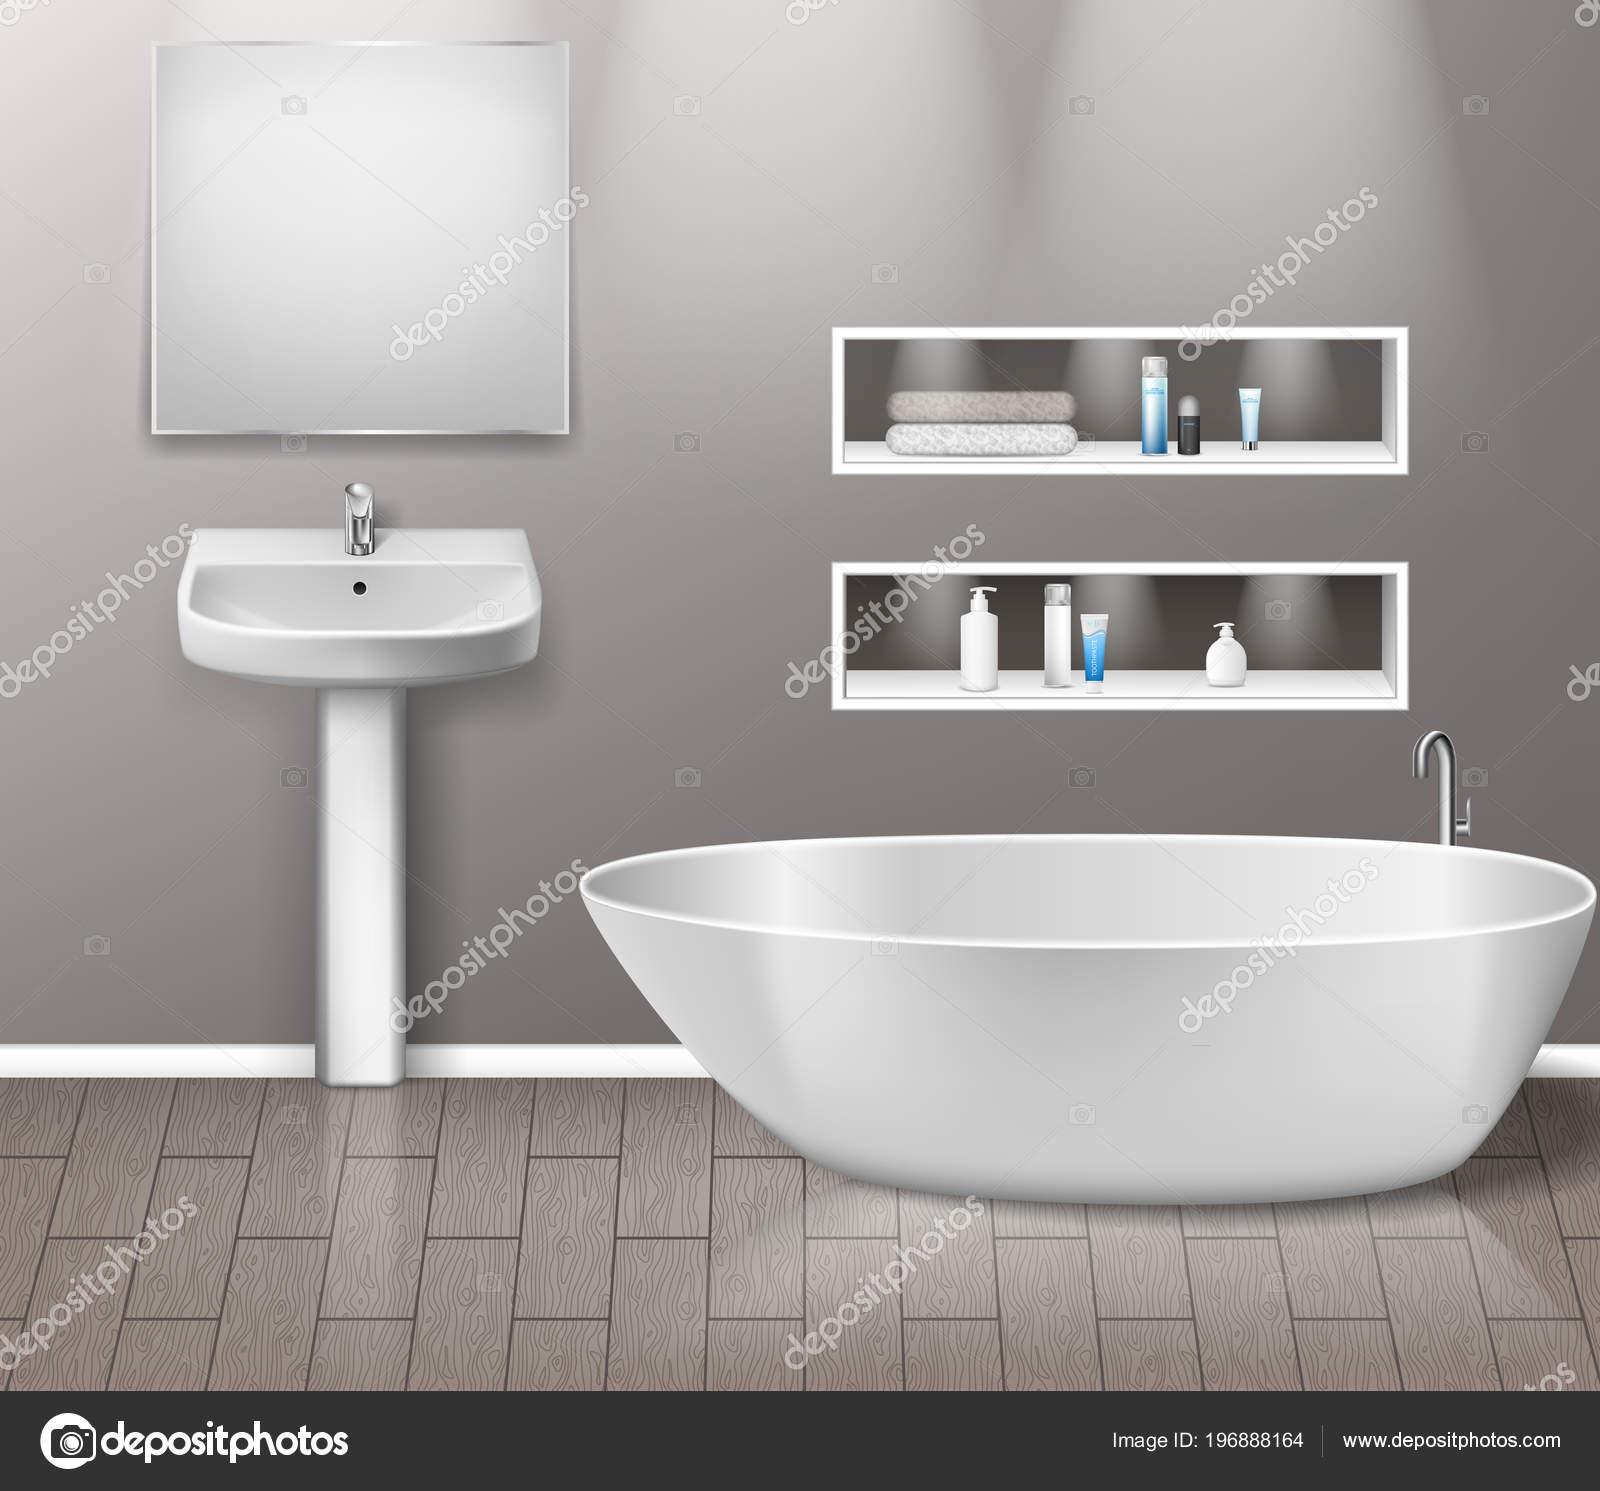 Realistische badkamer meubelen-interieur met moderne badkamer ...